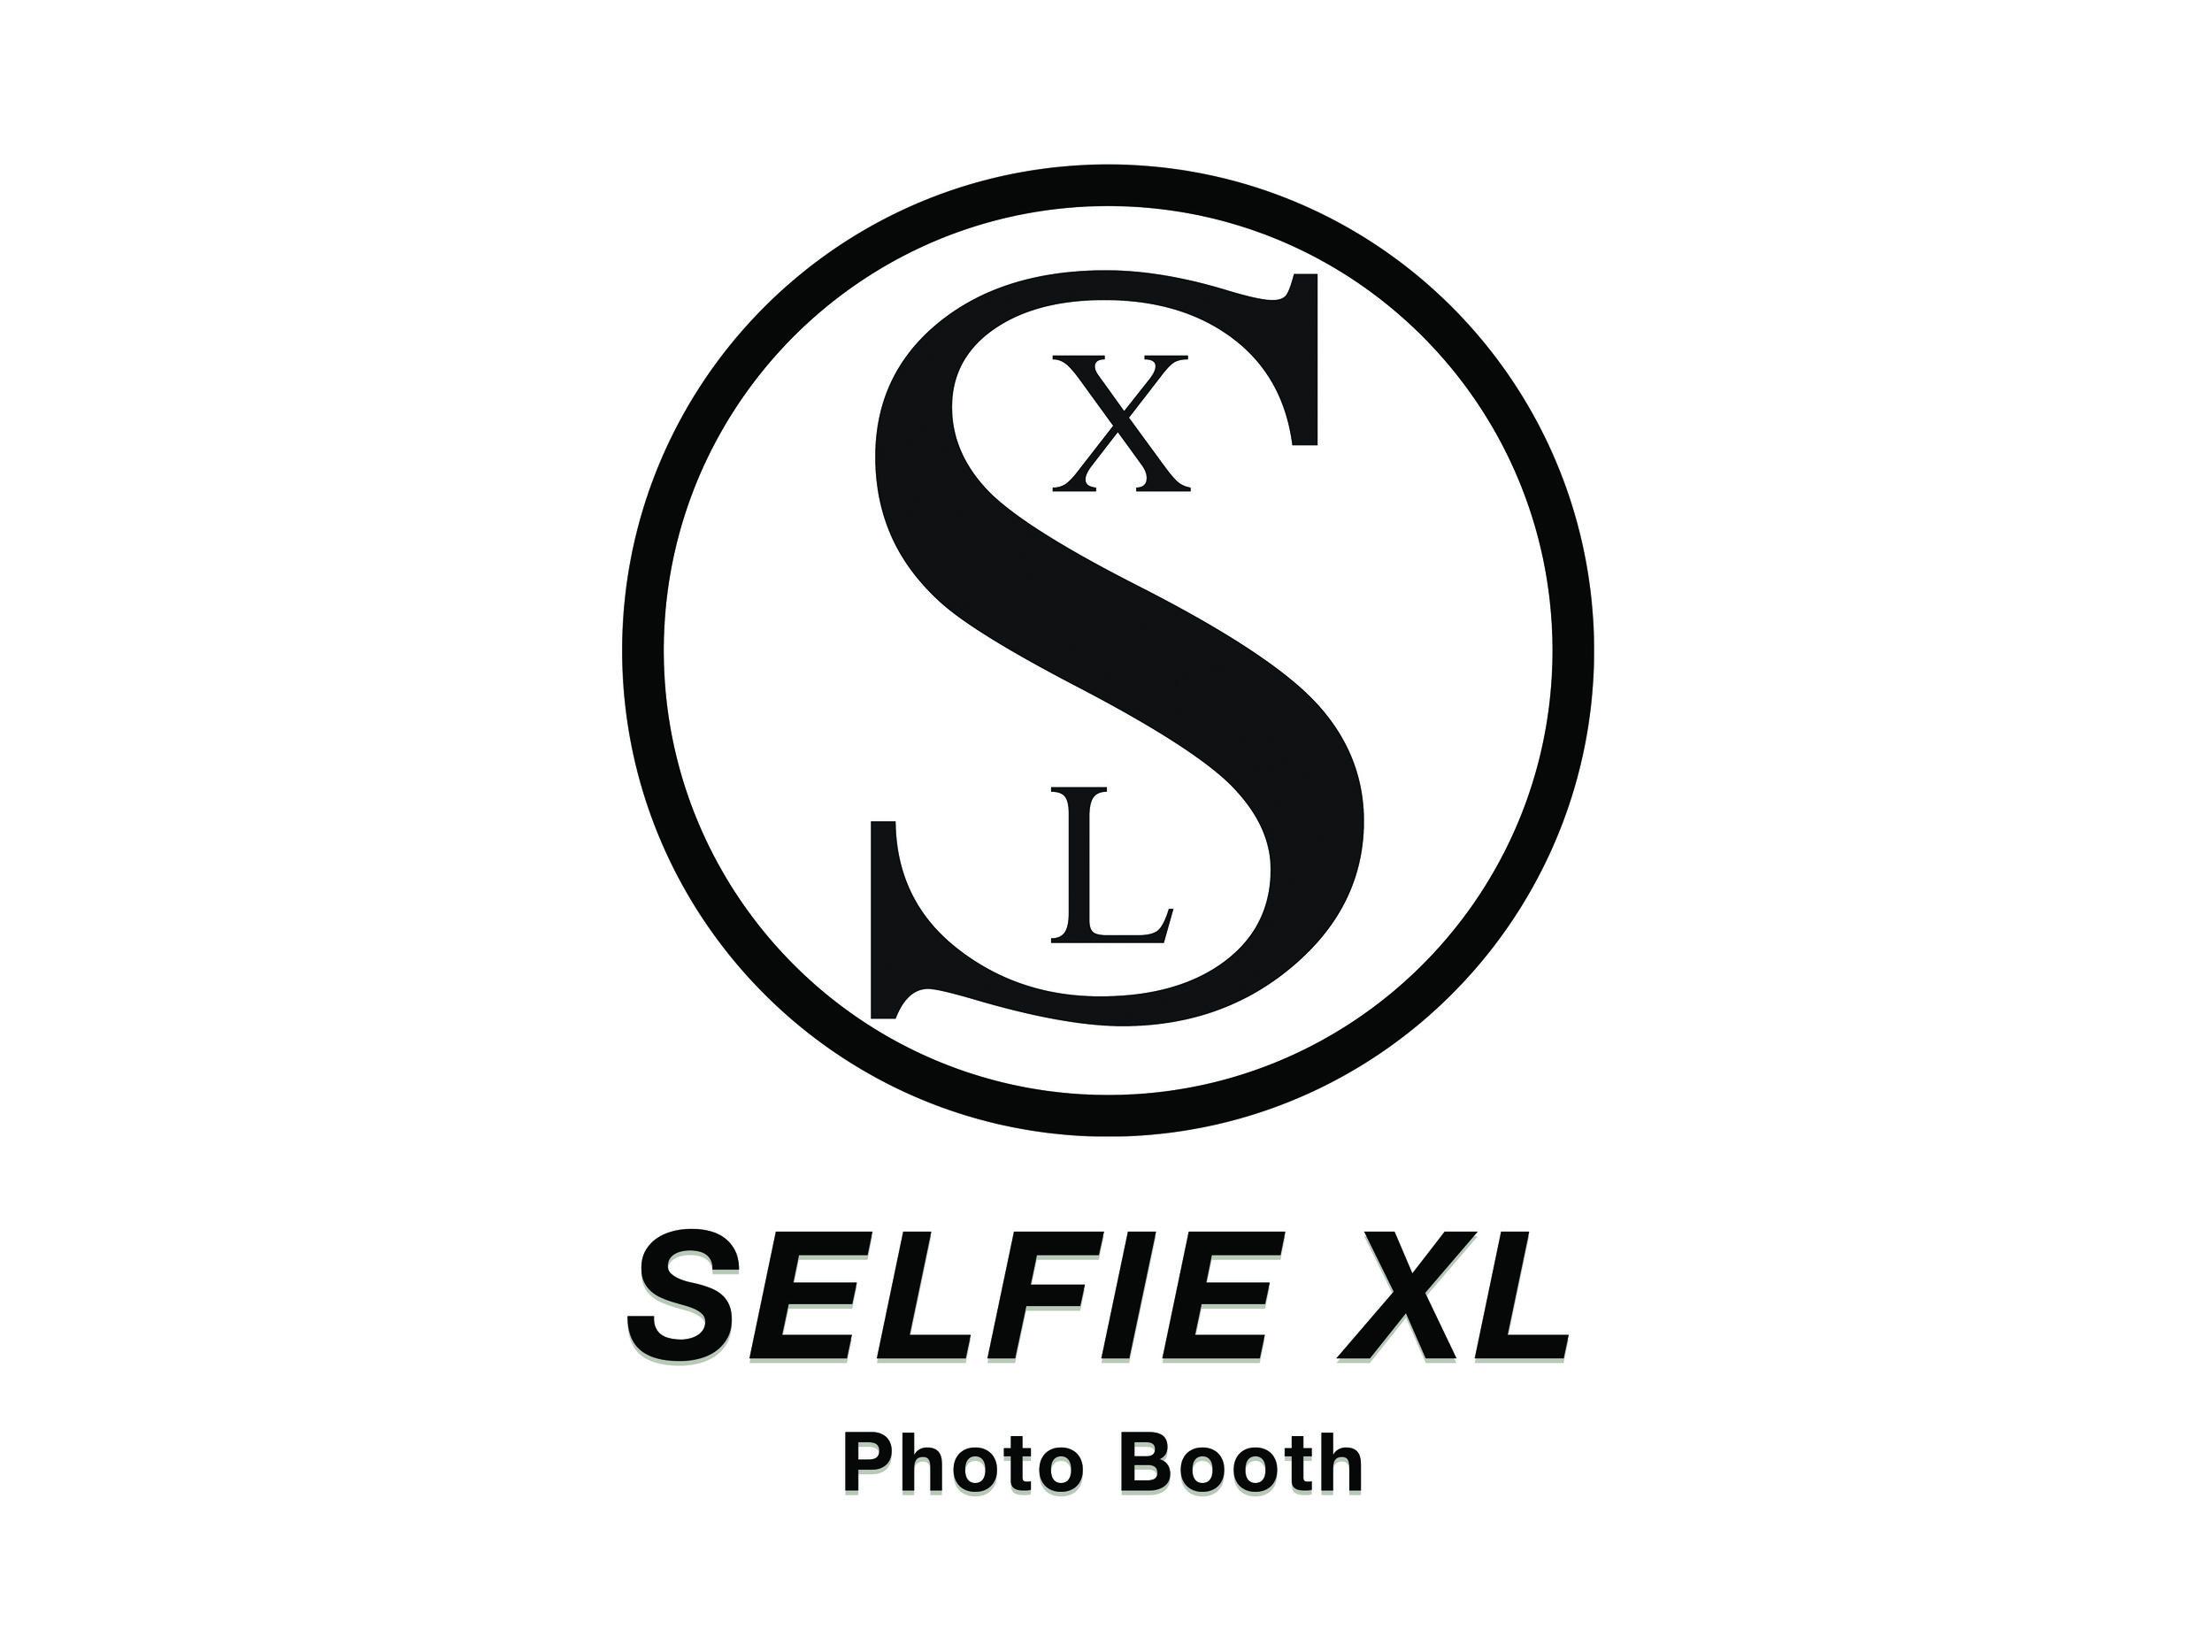 SELFIE XL PROMO.jpg